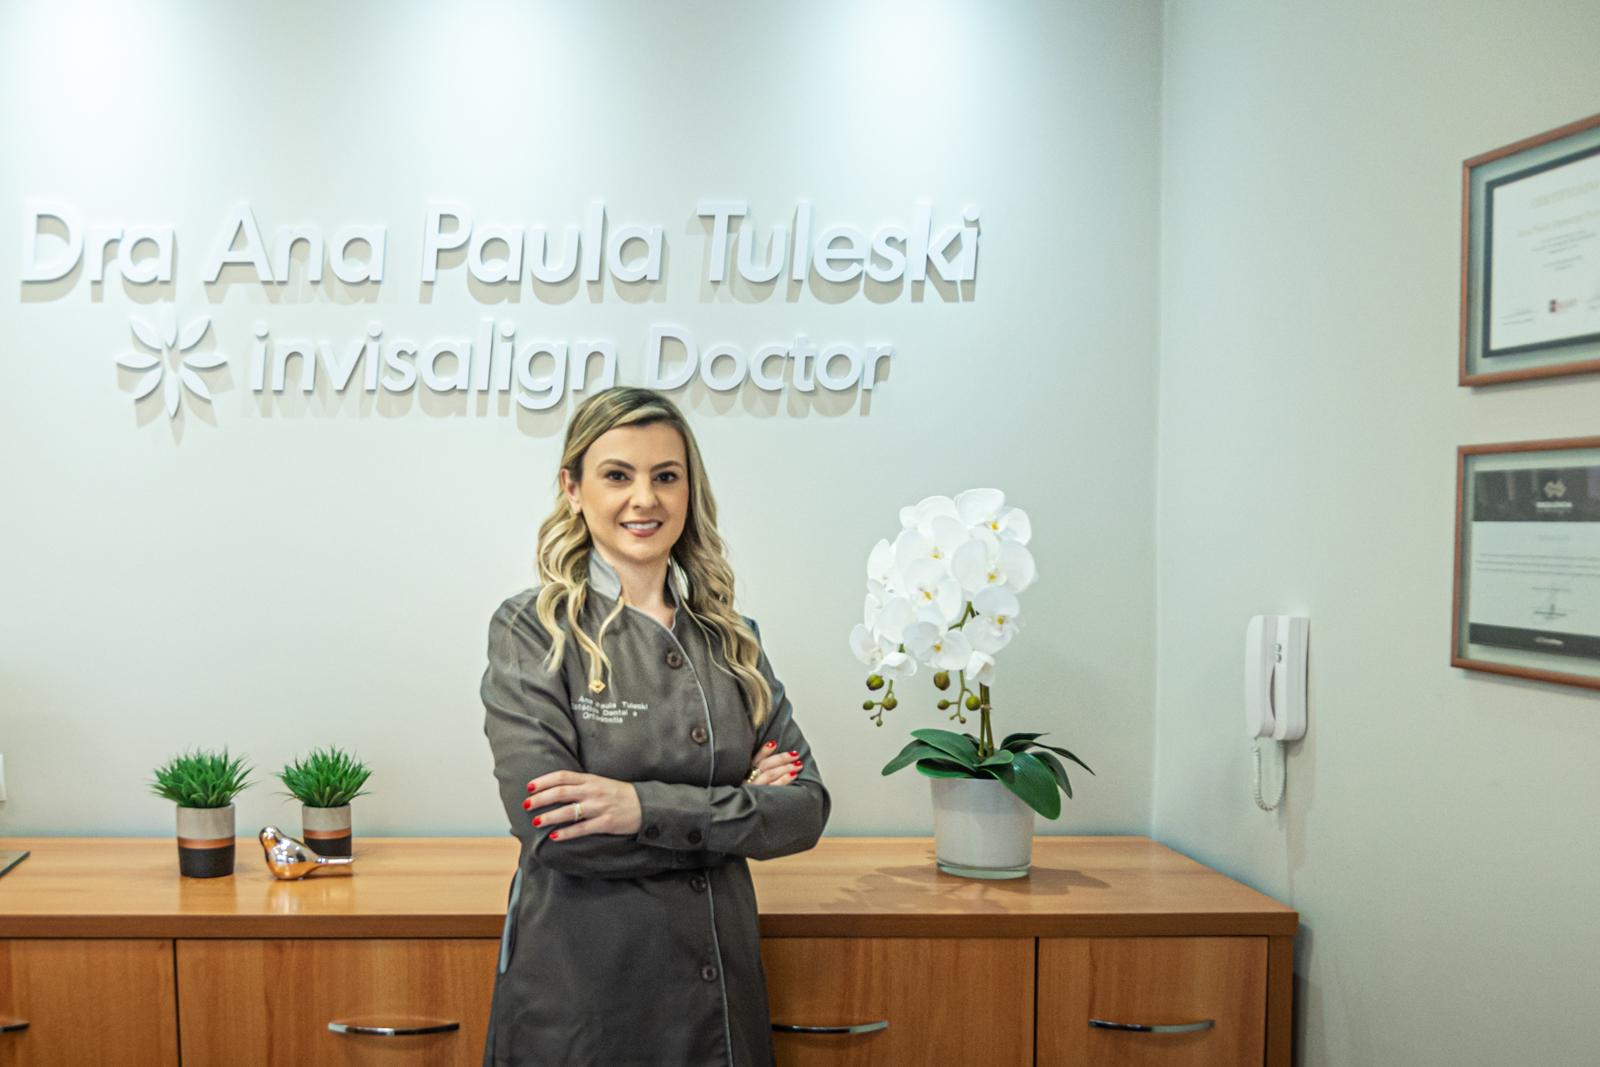 Ana Paula T-11